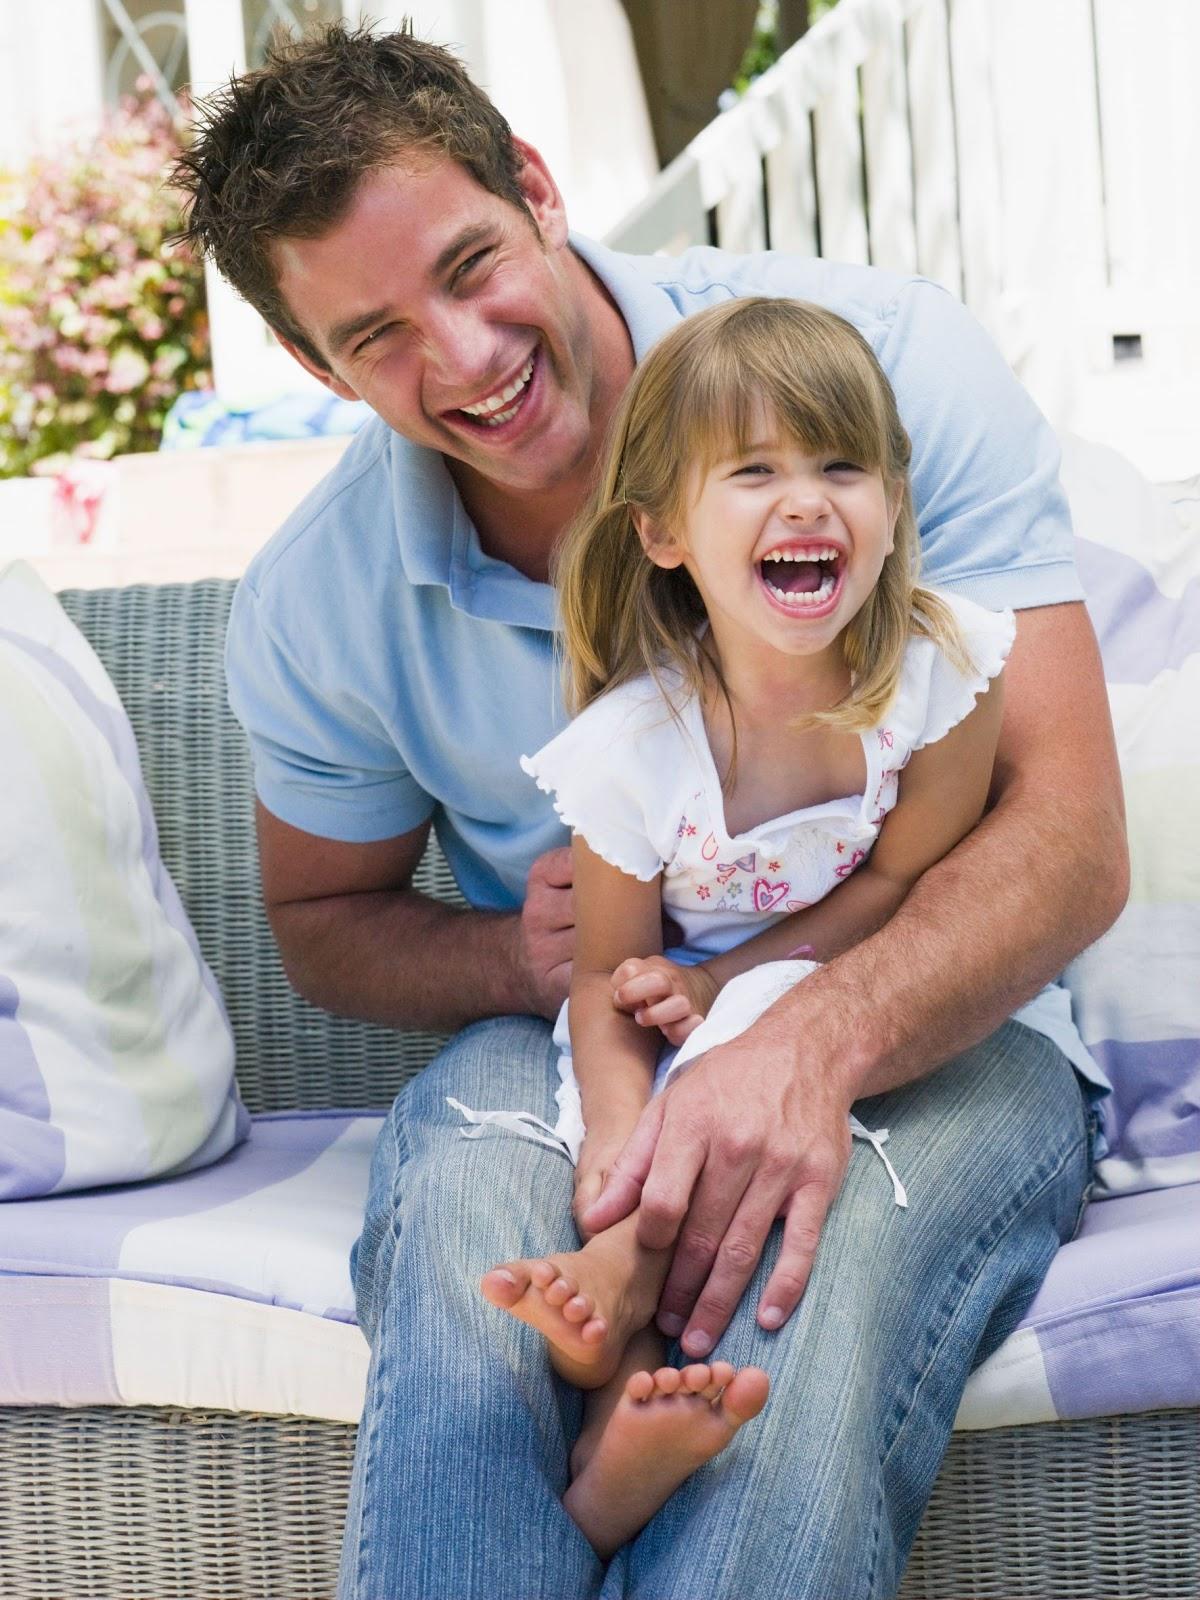 Δυνατός είναι ο άντρας που κάνει τη γυναίκα του να χαμογελά